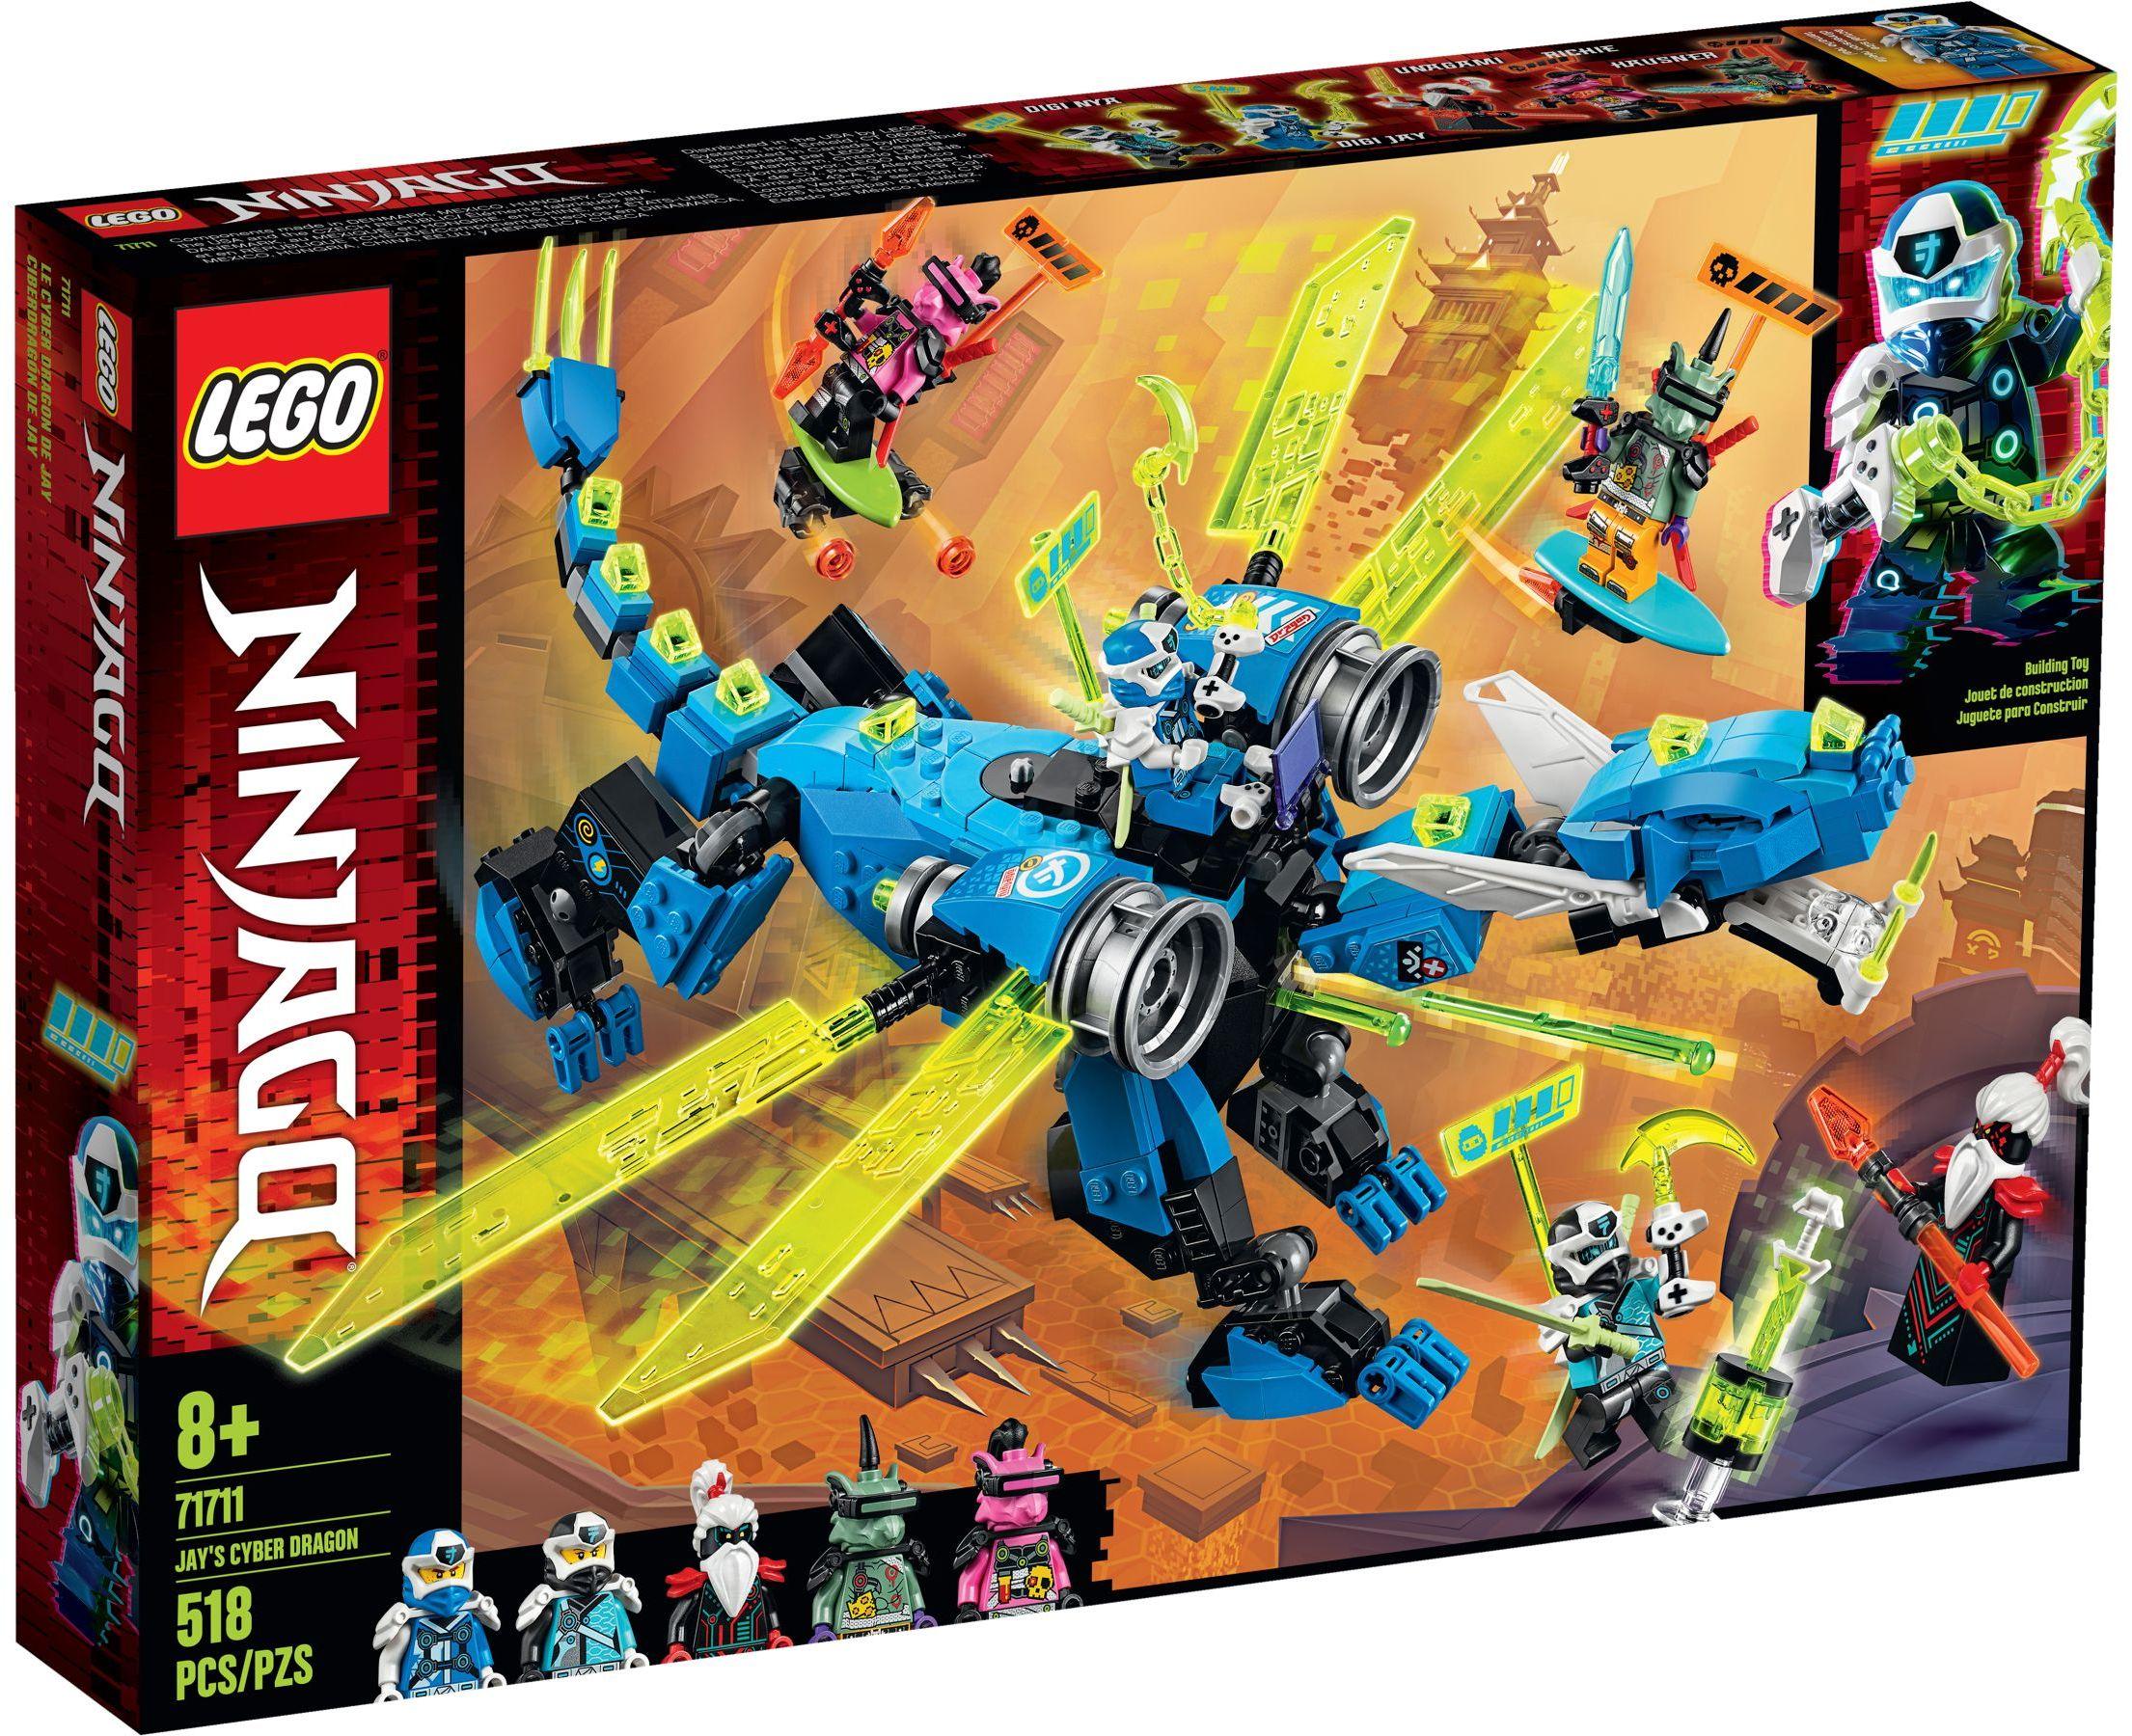 LEGO® 71711 - Jay kibersárkánya